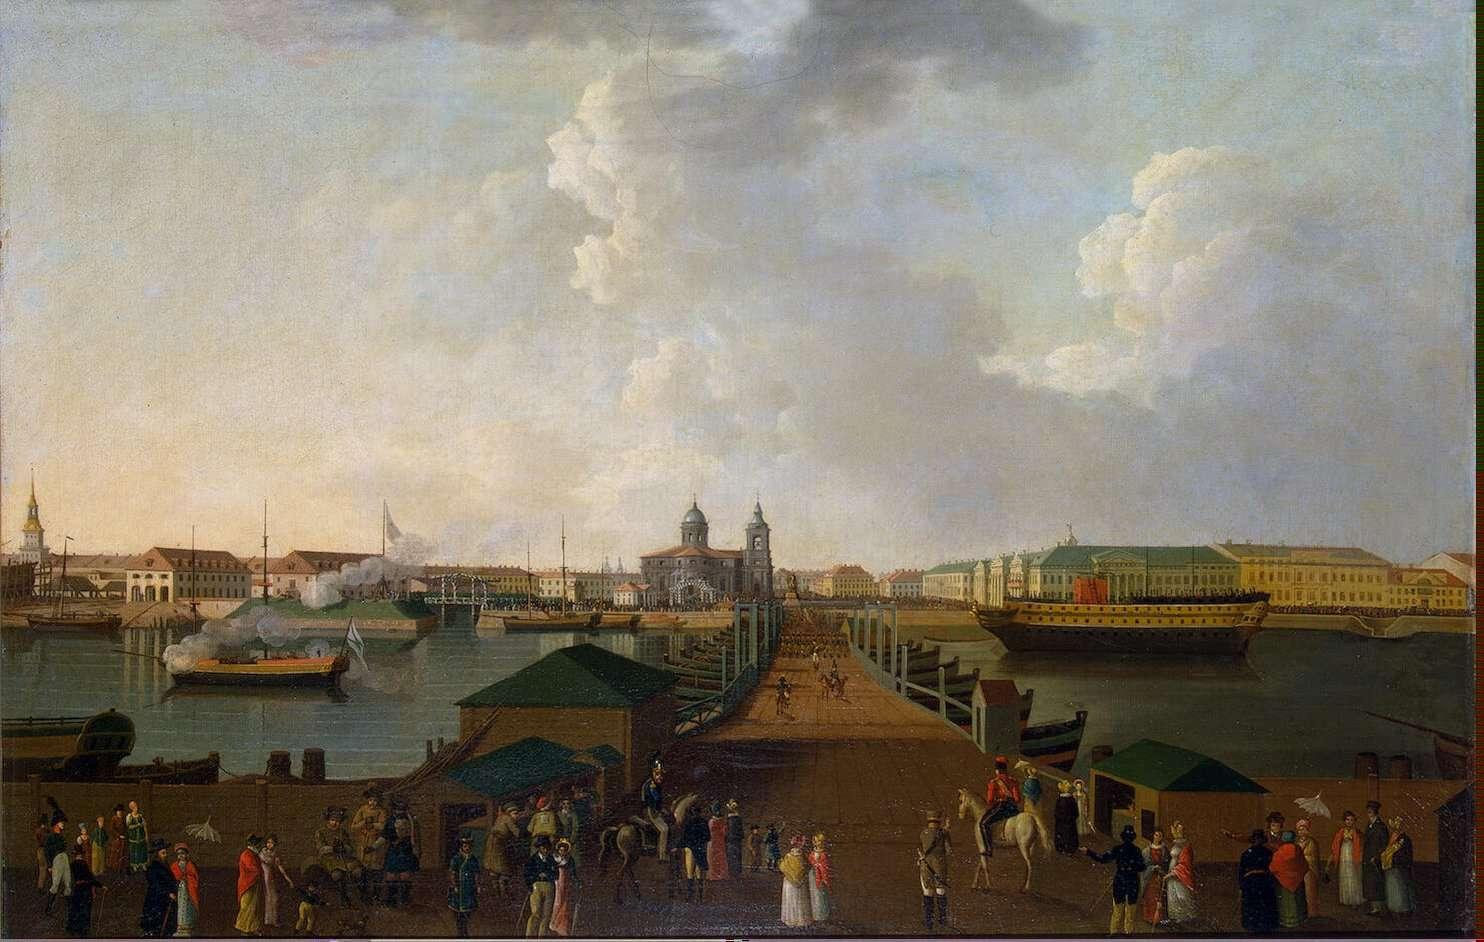 Αγία Πετρούπολη, Ρωσία, 1815